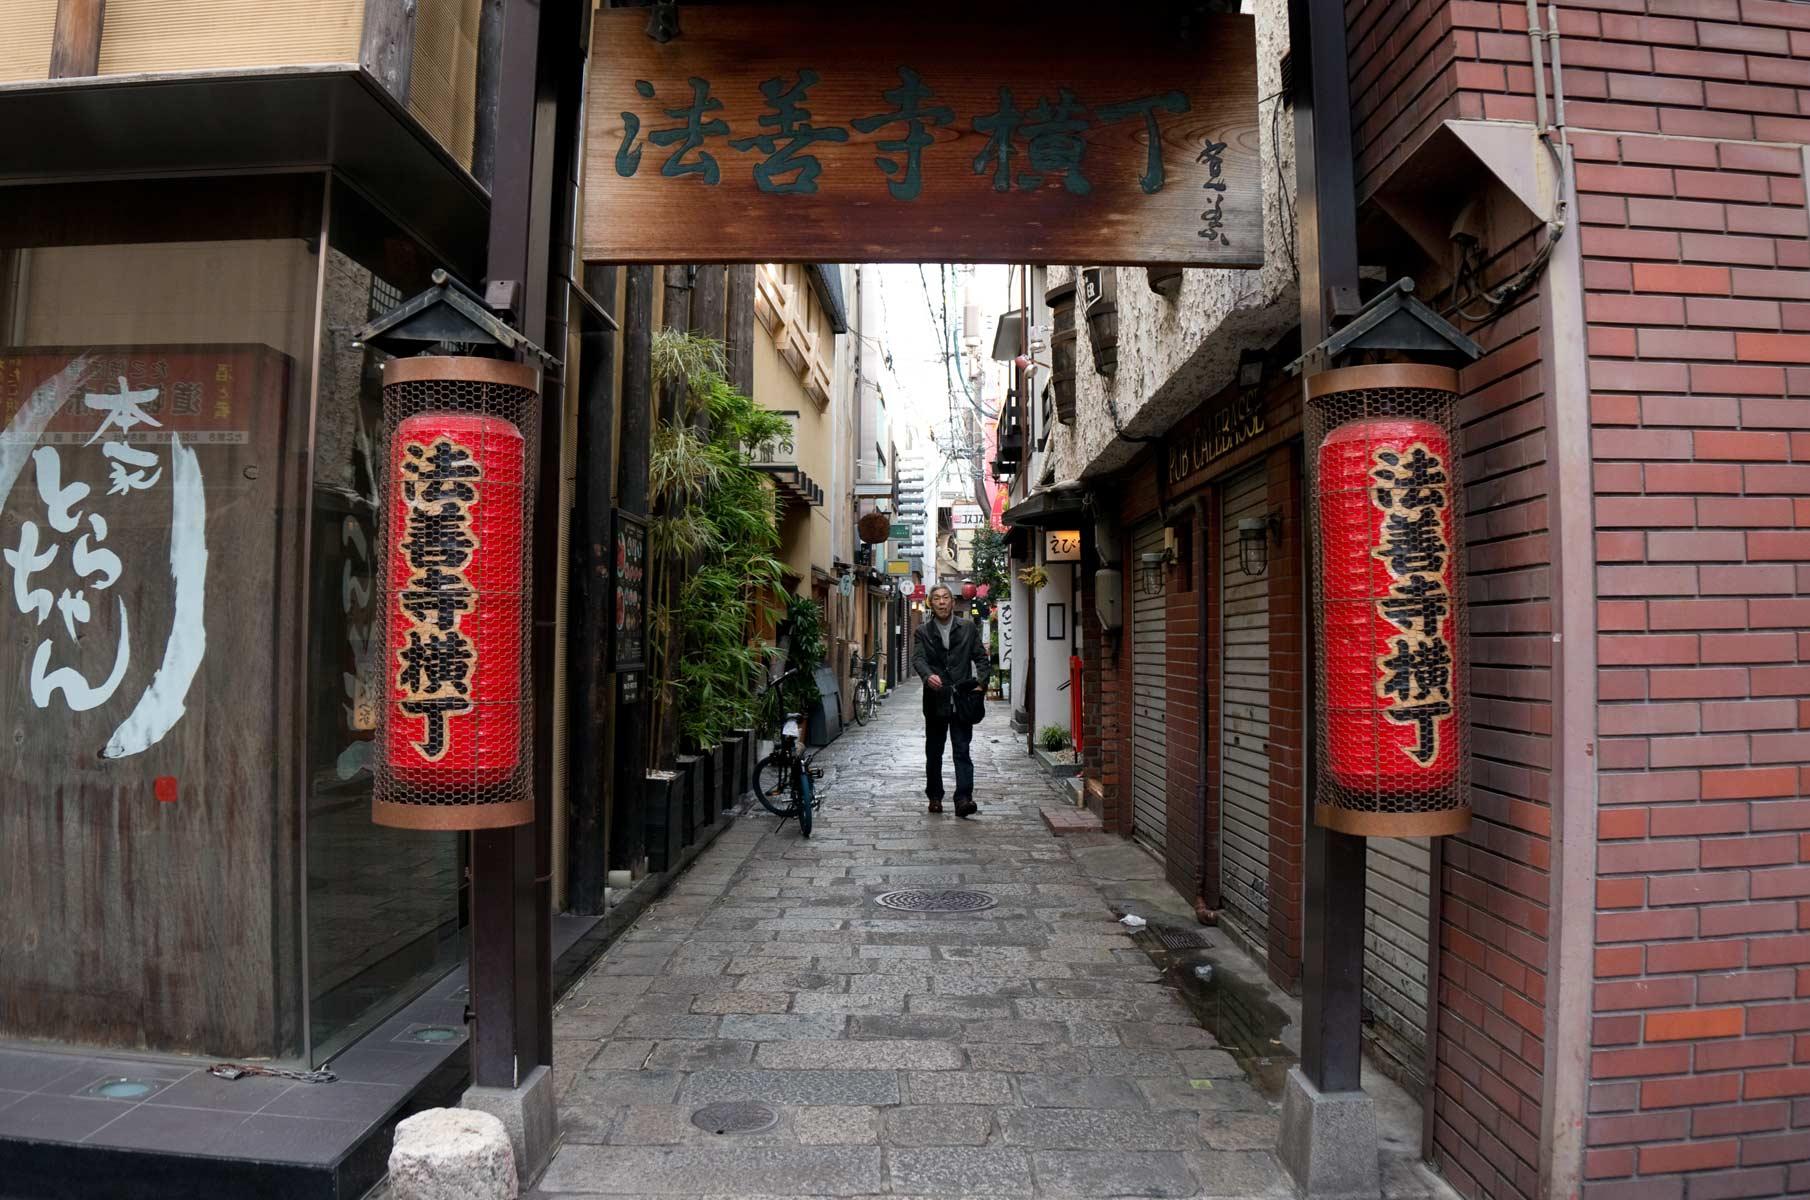 Straßenszene in Dotonbori Osaka, Japan